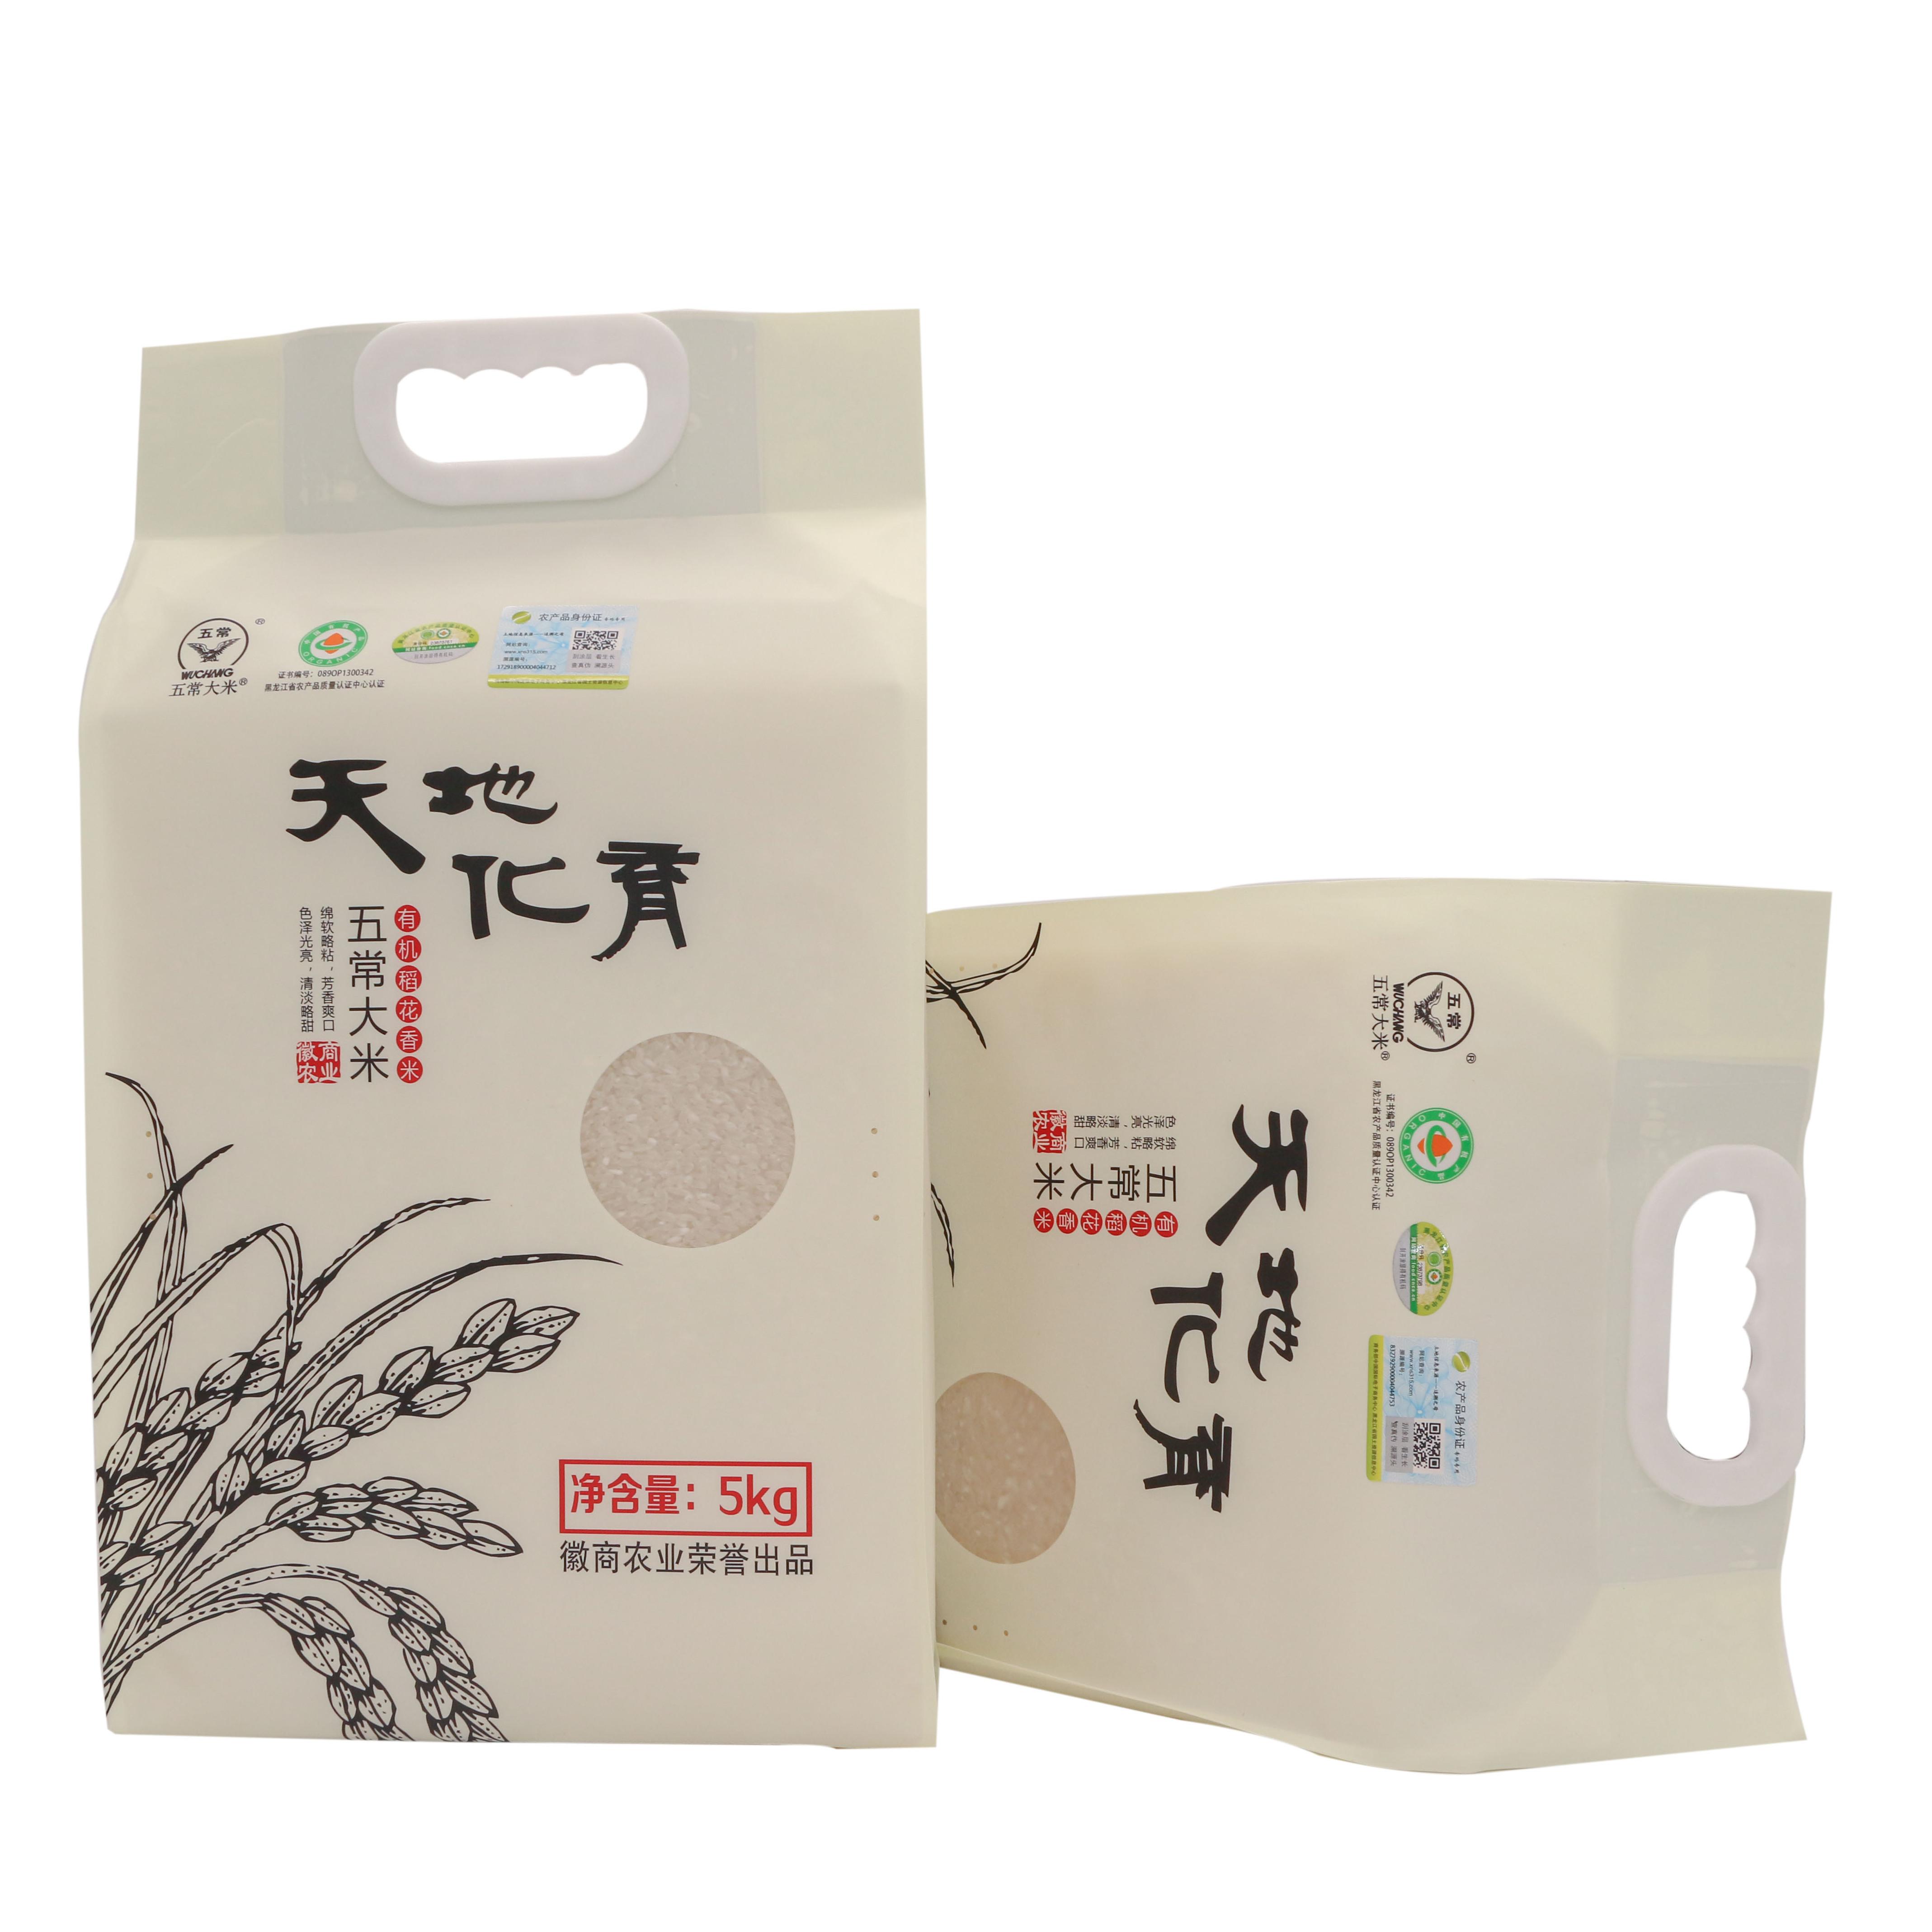 天地化育五常有机稻花香米4kg礼盒装五常大米有机大米